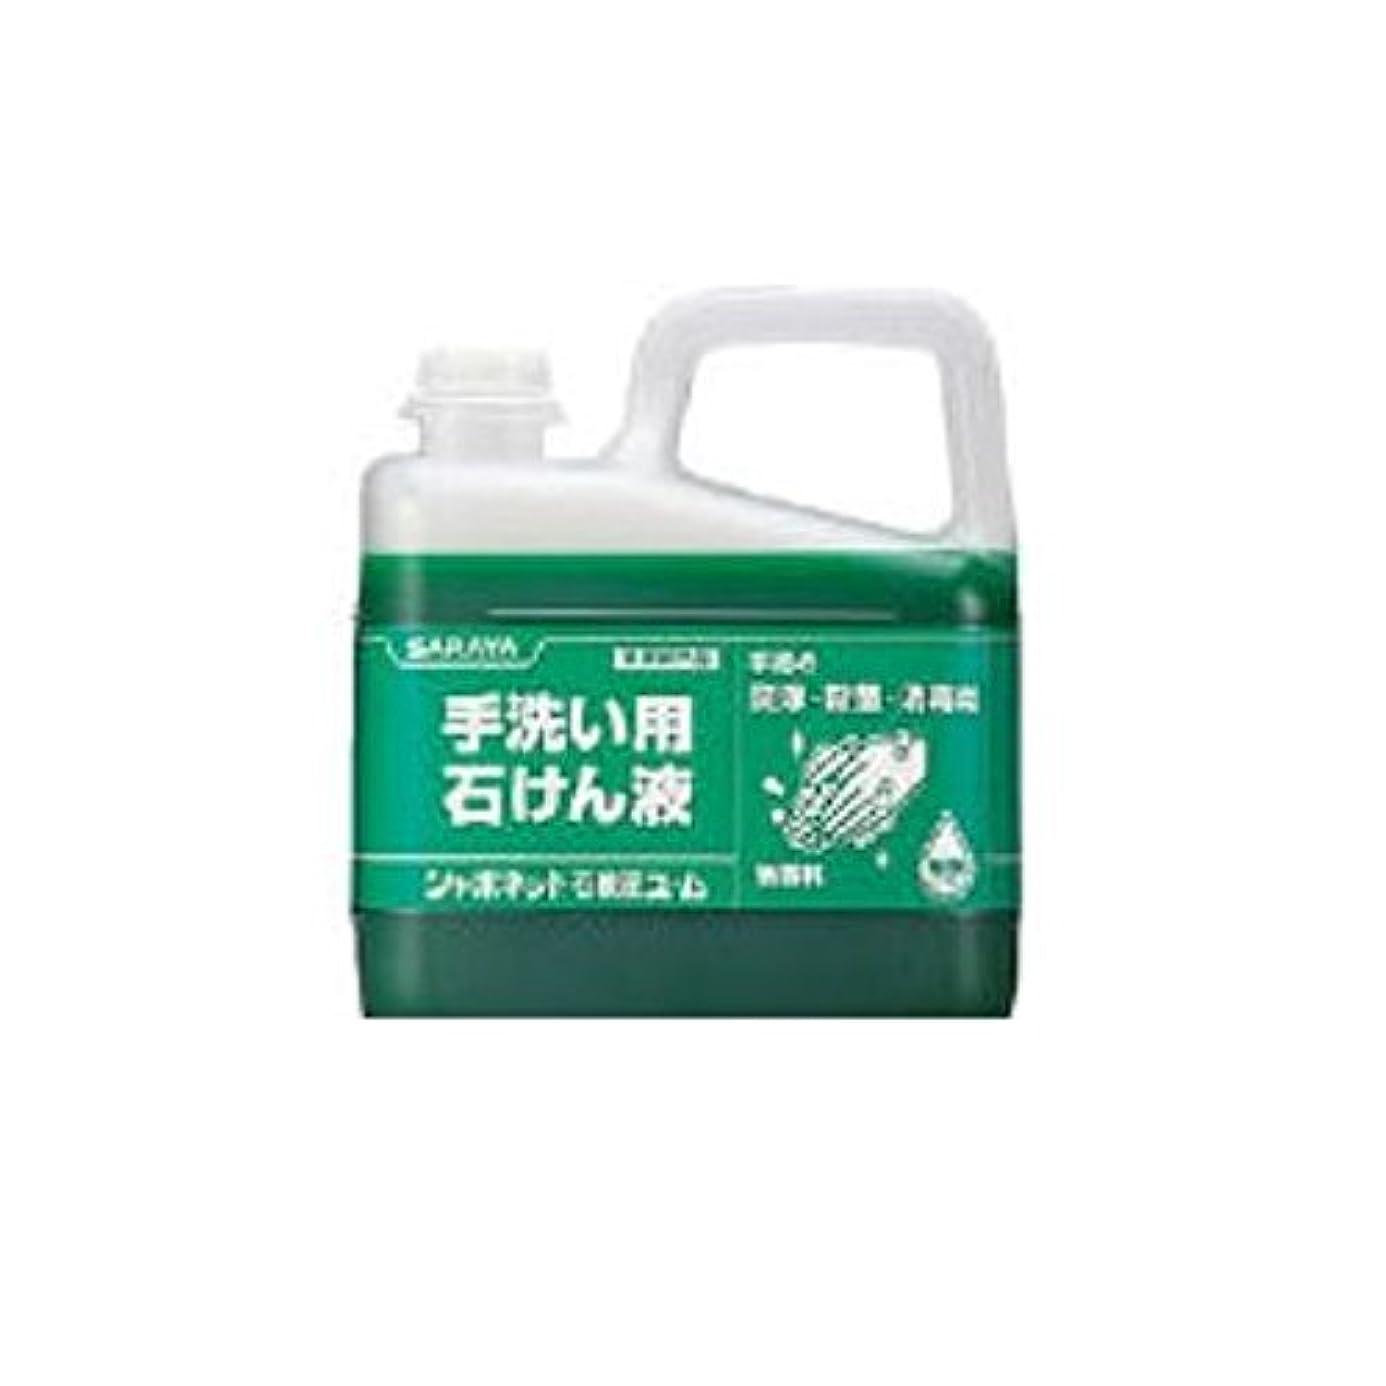 延期するオーバードローウィスキーFU50524 ハンドソープ シャボネット石鹸液ユ?ム 5kg